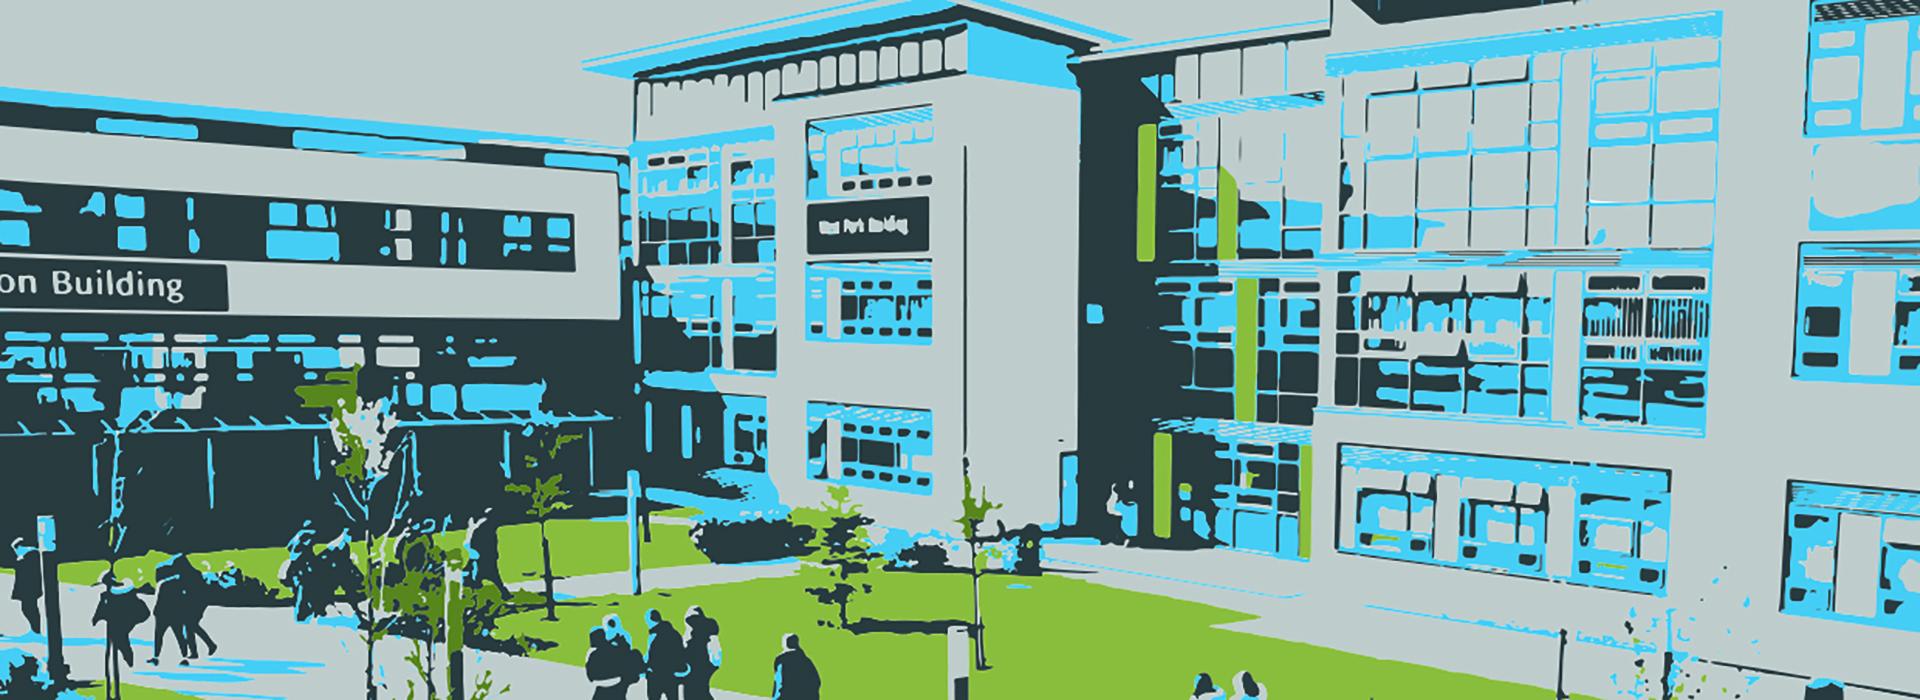 Carmel College campus image